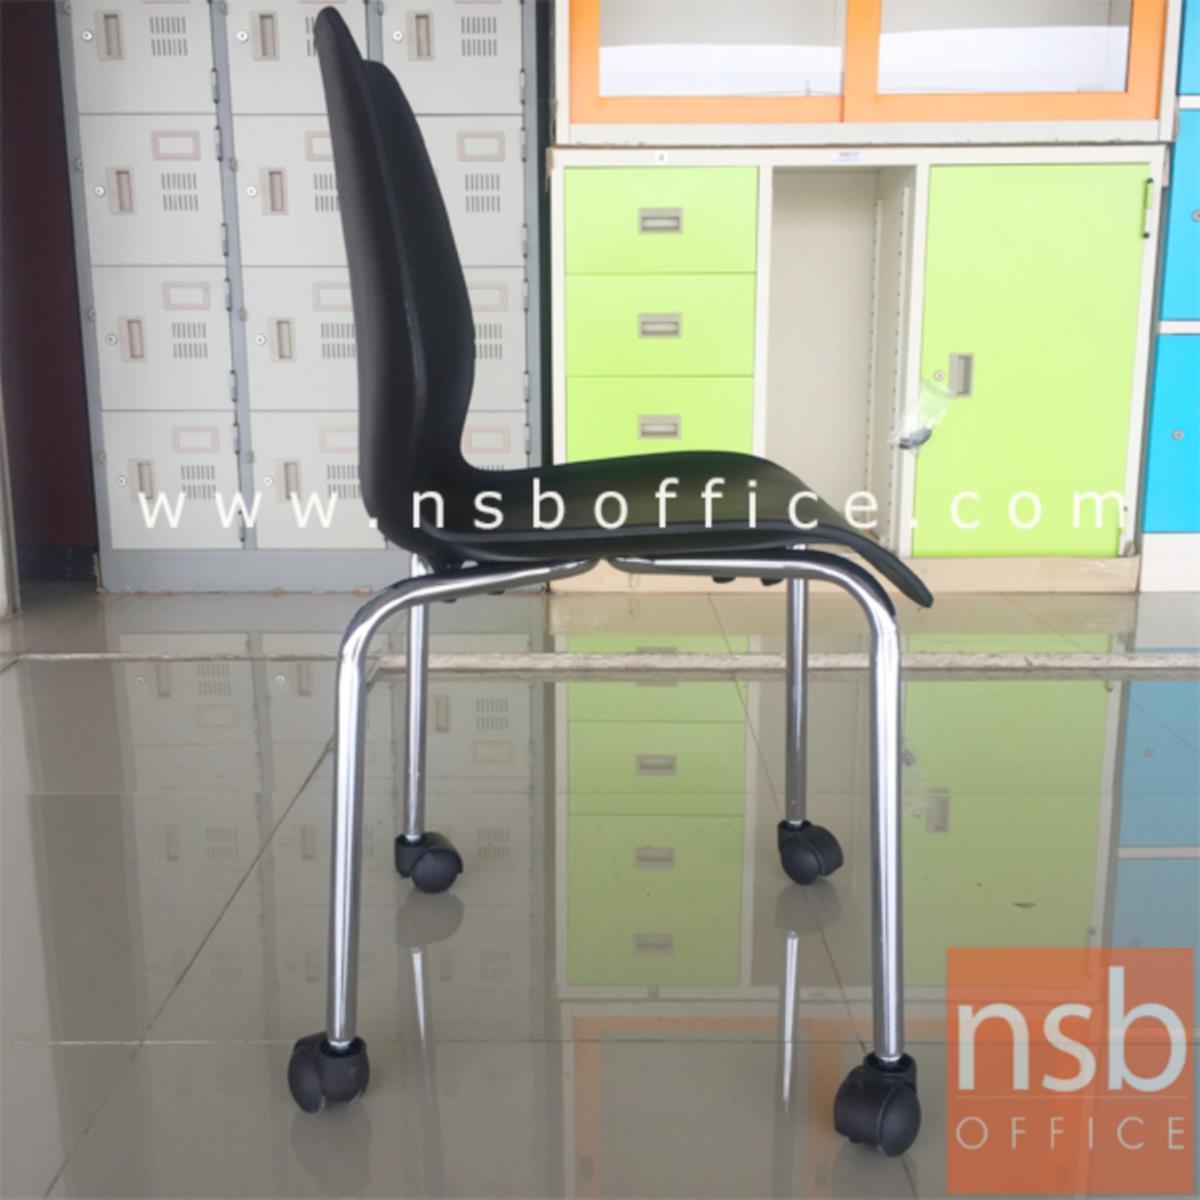 เก้าอี้อเนกประสงค์เฟรมโพลี่ รุ่น Swizzle (สวิซเซิล)  ขาเหล็กชุบโครเมี่ยม ล้อเลื่อน